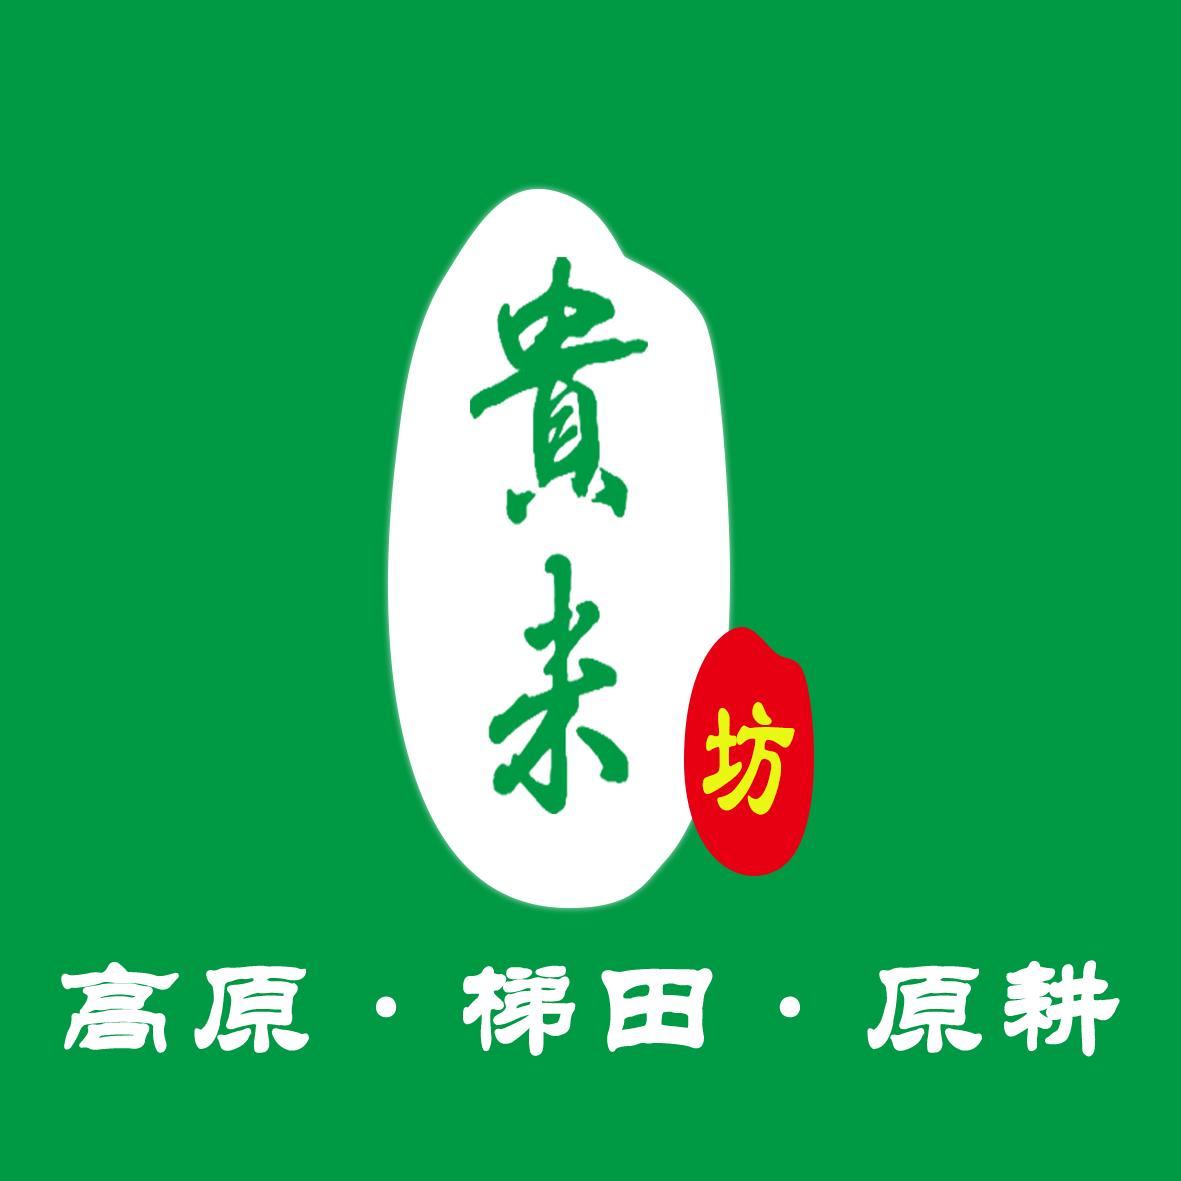 贵州贵米农业科技有限公司